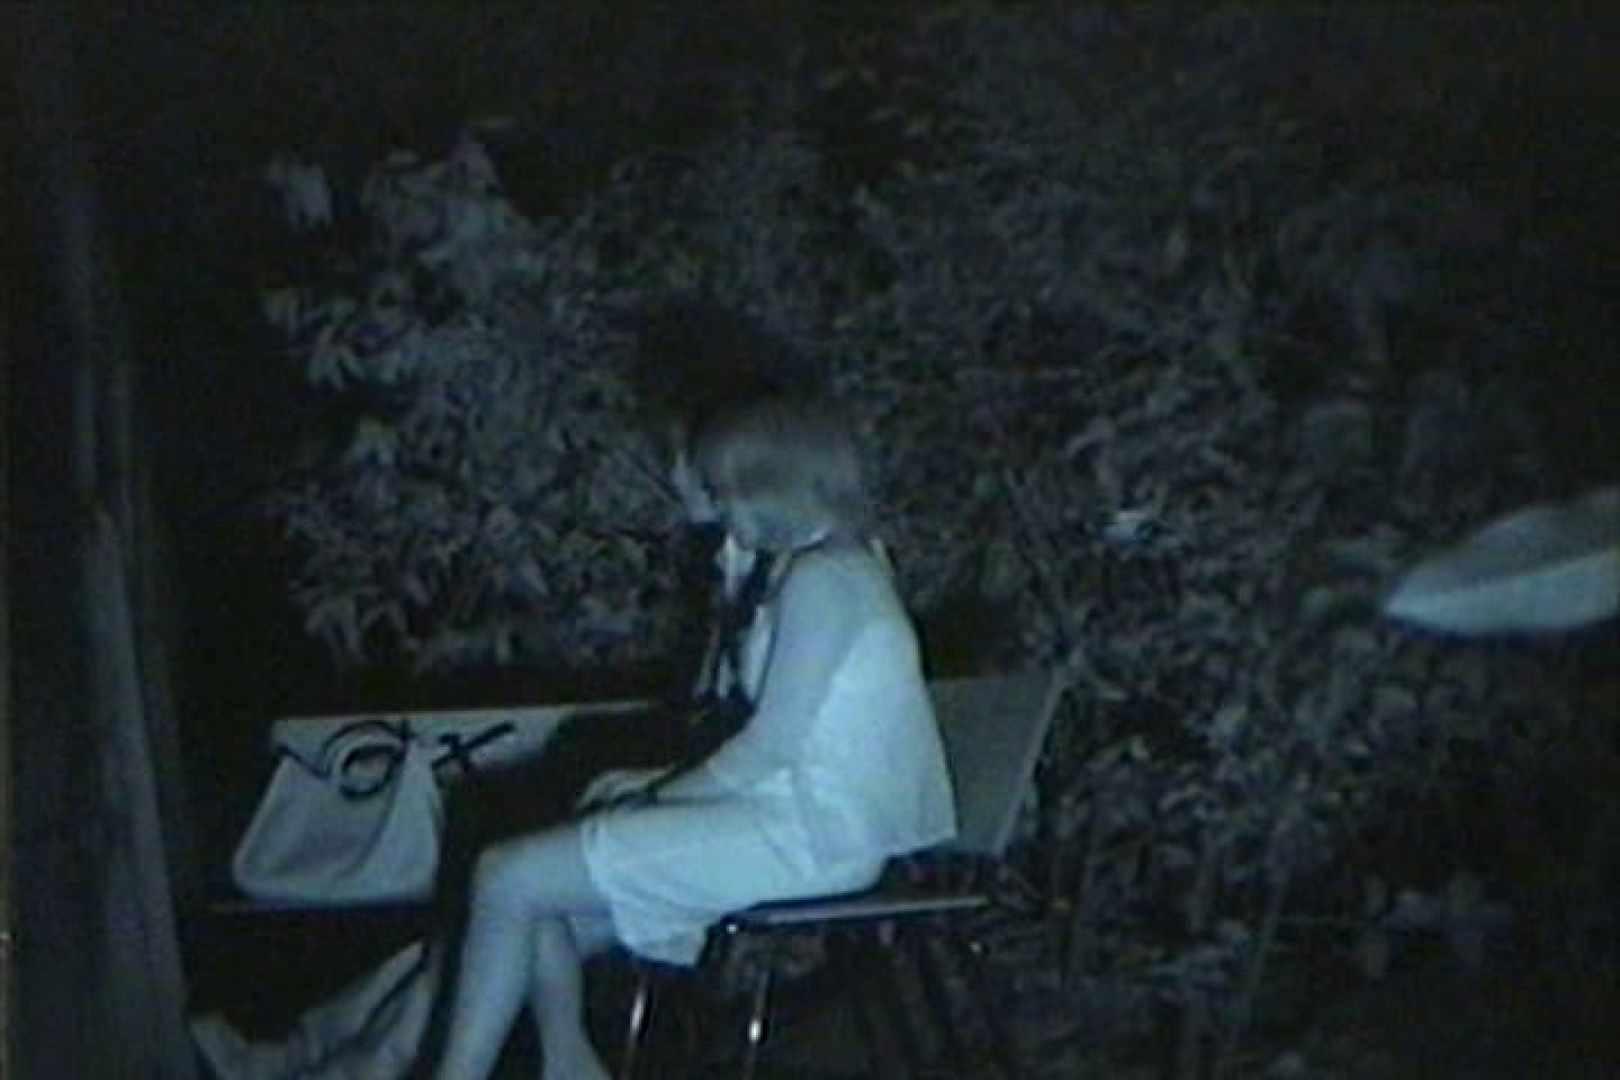 闇の仕掛け人 無修正版 Vol.24 エロティックなOL ぱこり動画紹介 55画像 7